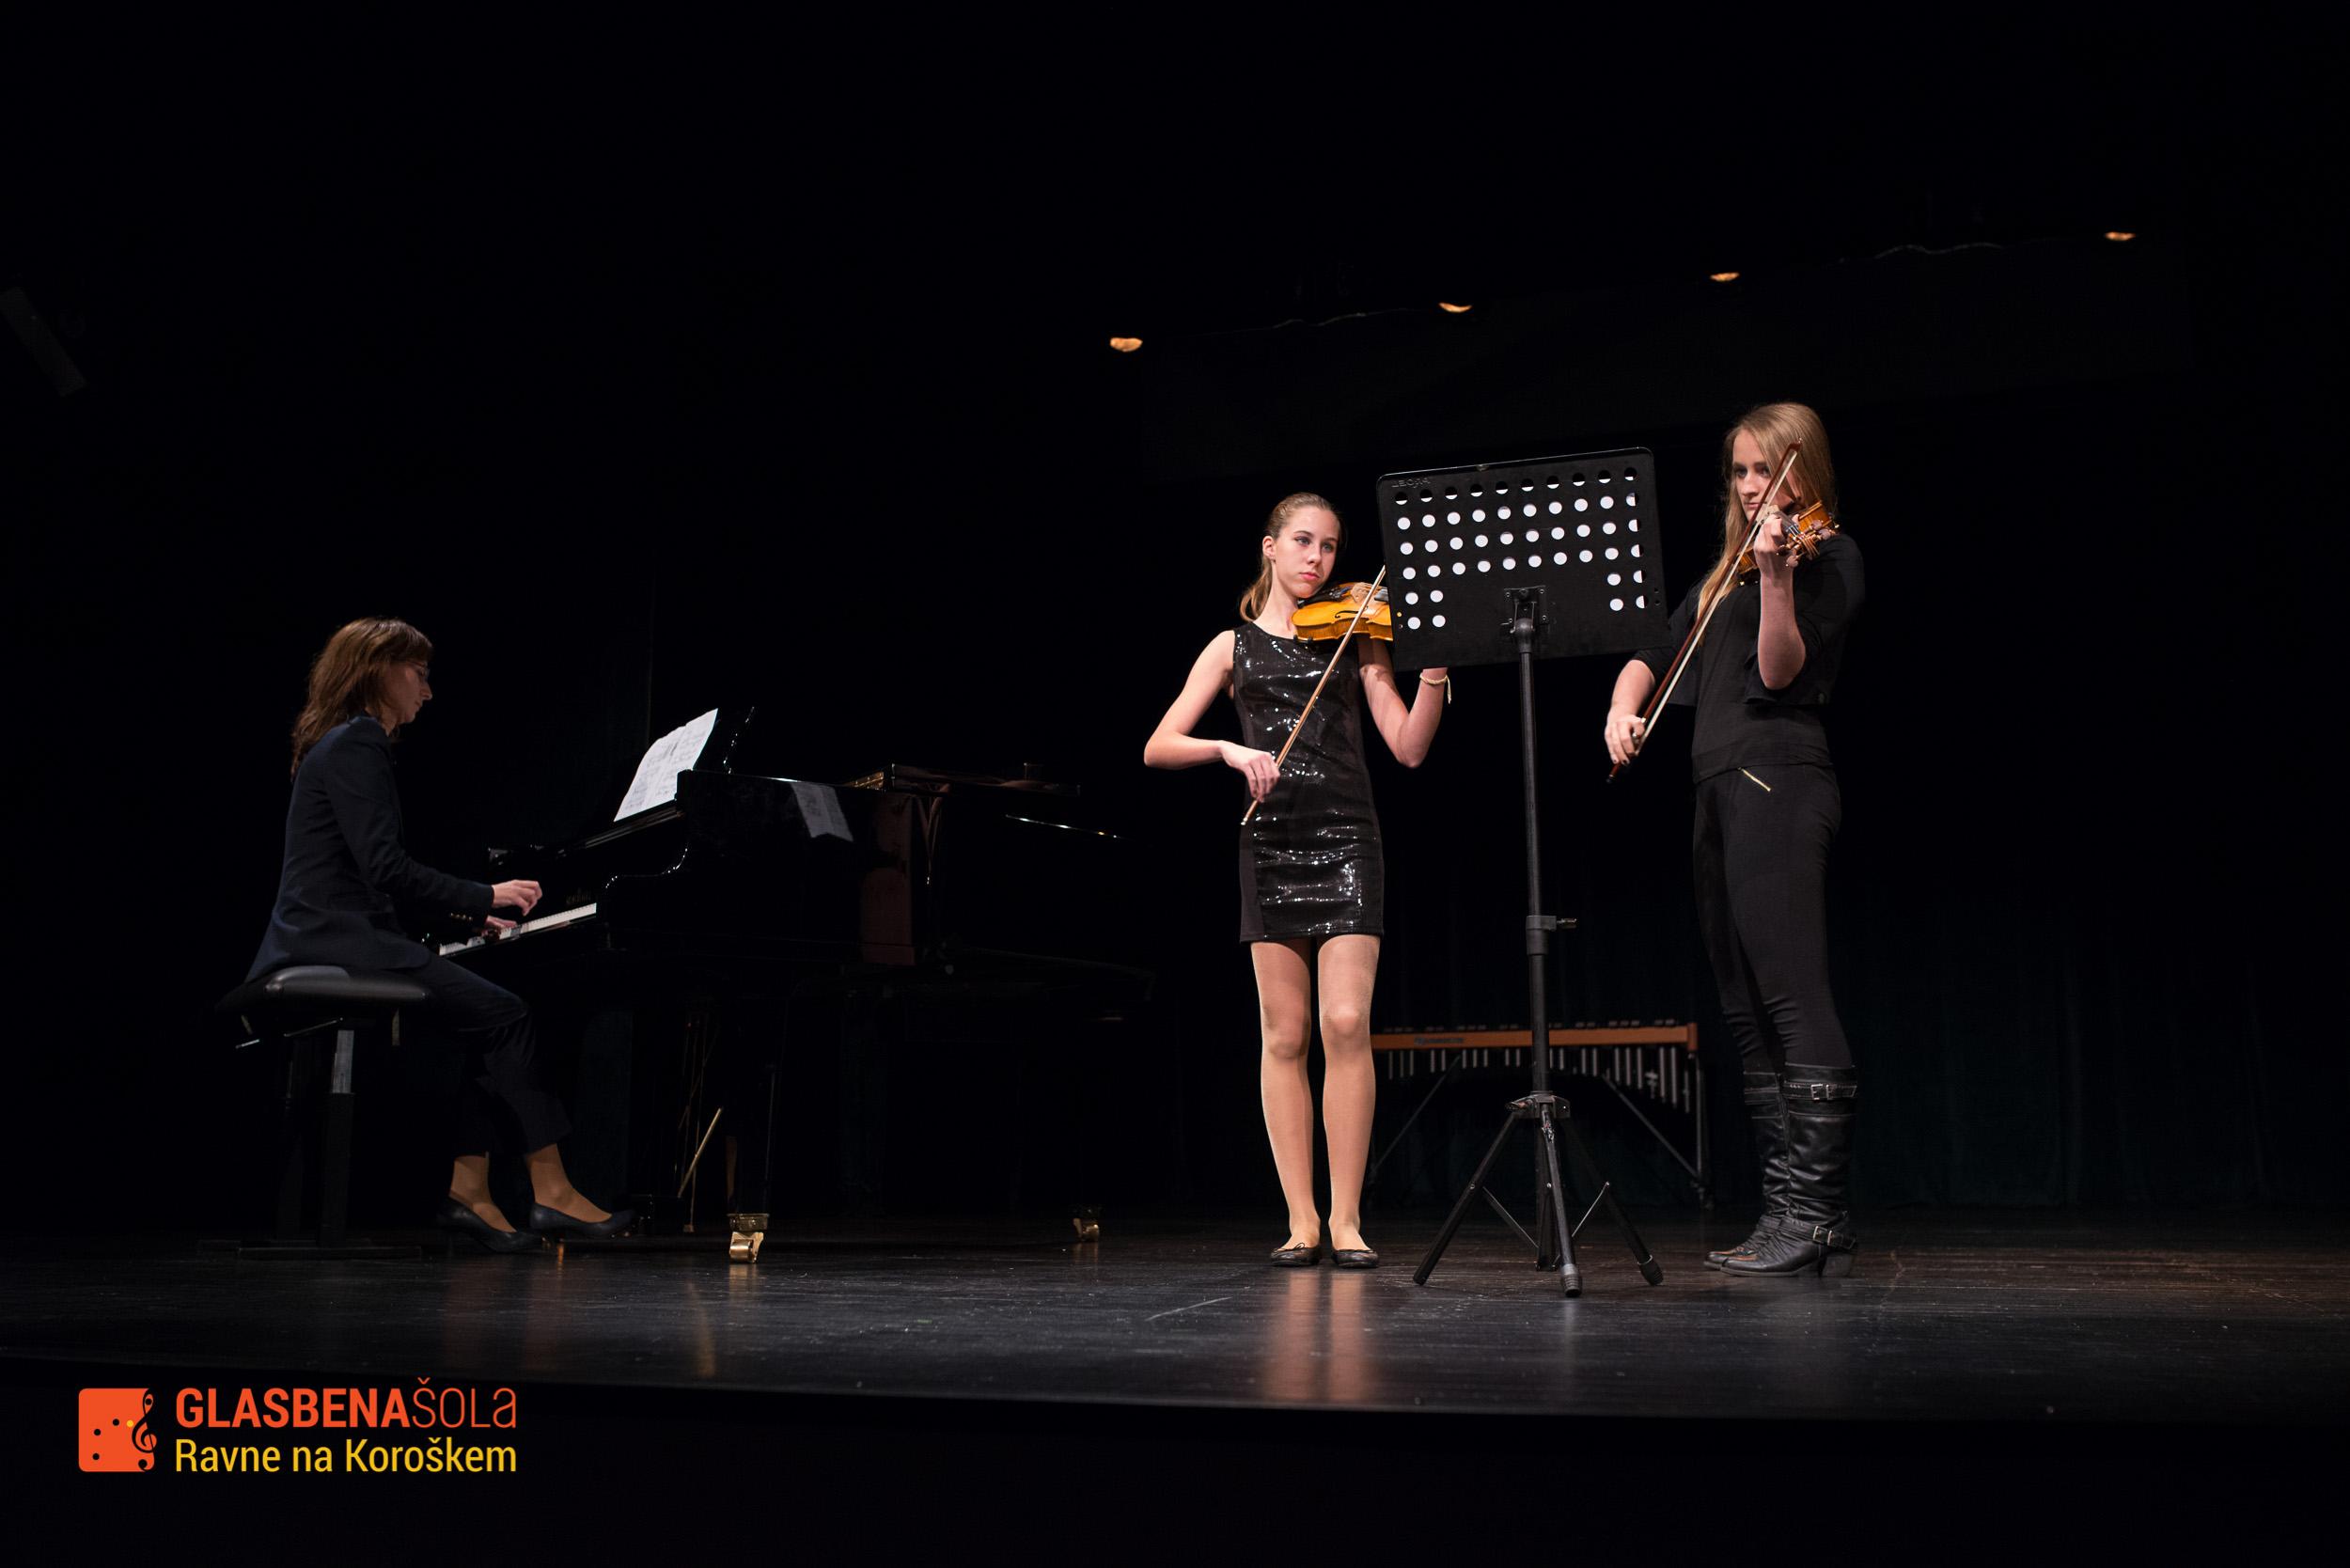 koncert-08-11-2014-11